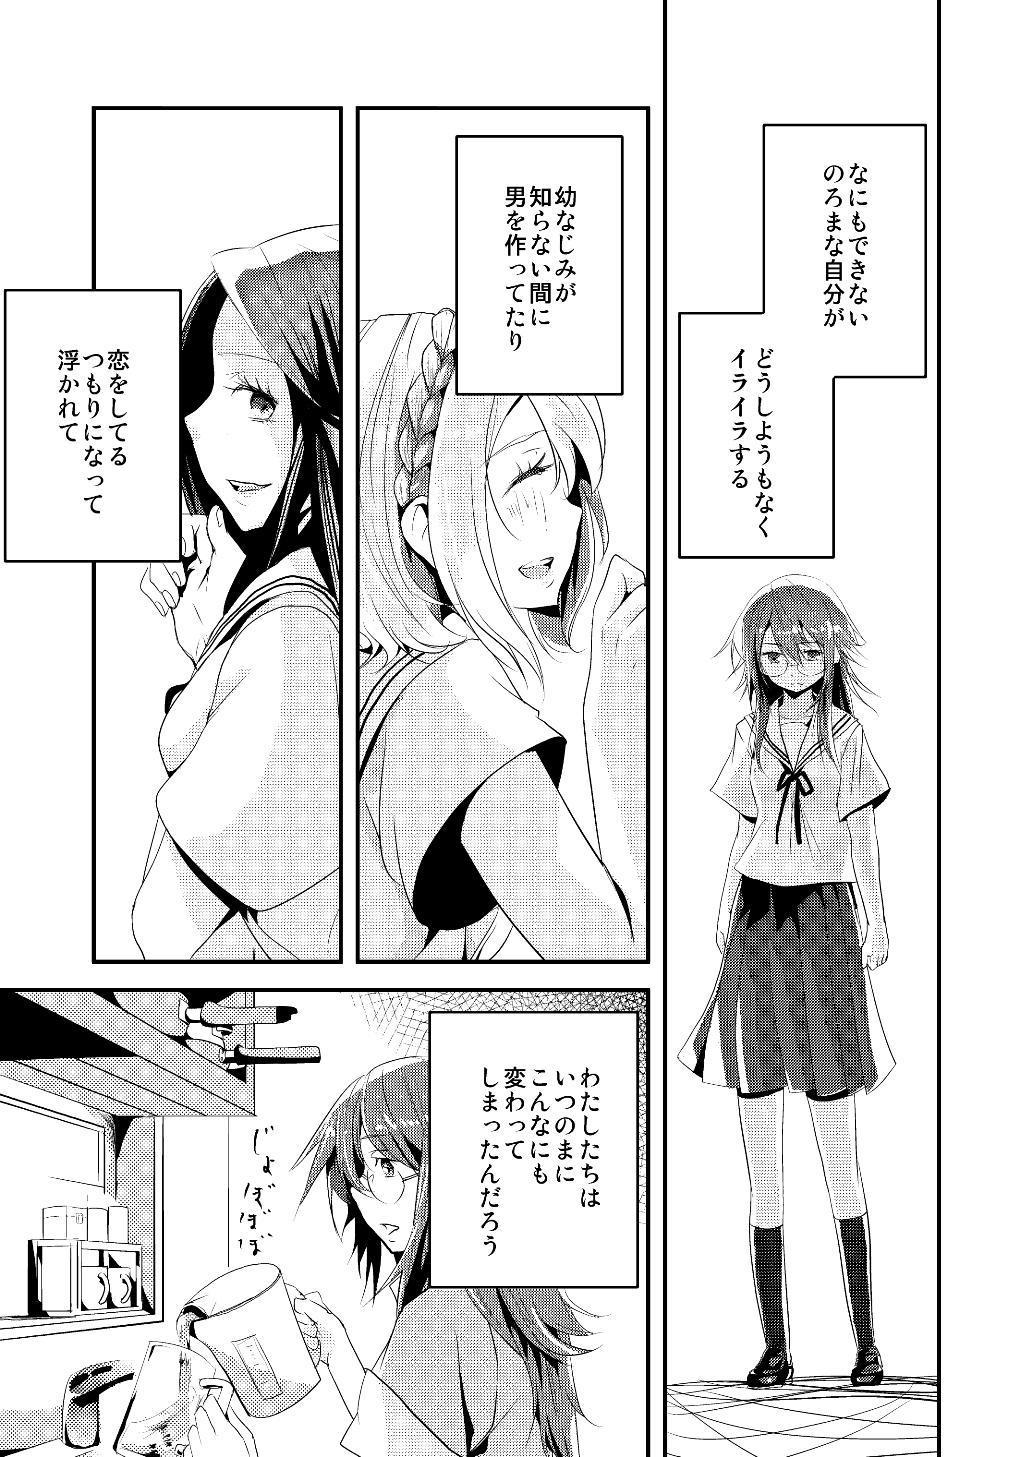 Yakusoku no Sora to Kimigaita Basho 1 ~ 2 54